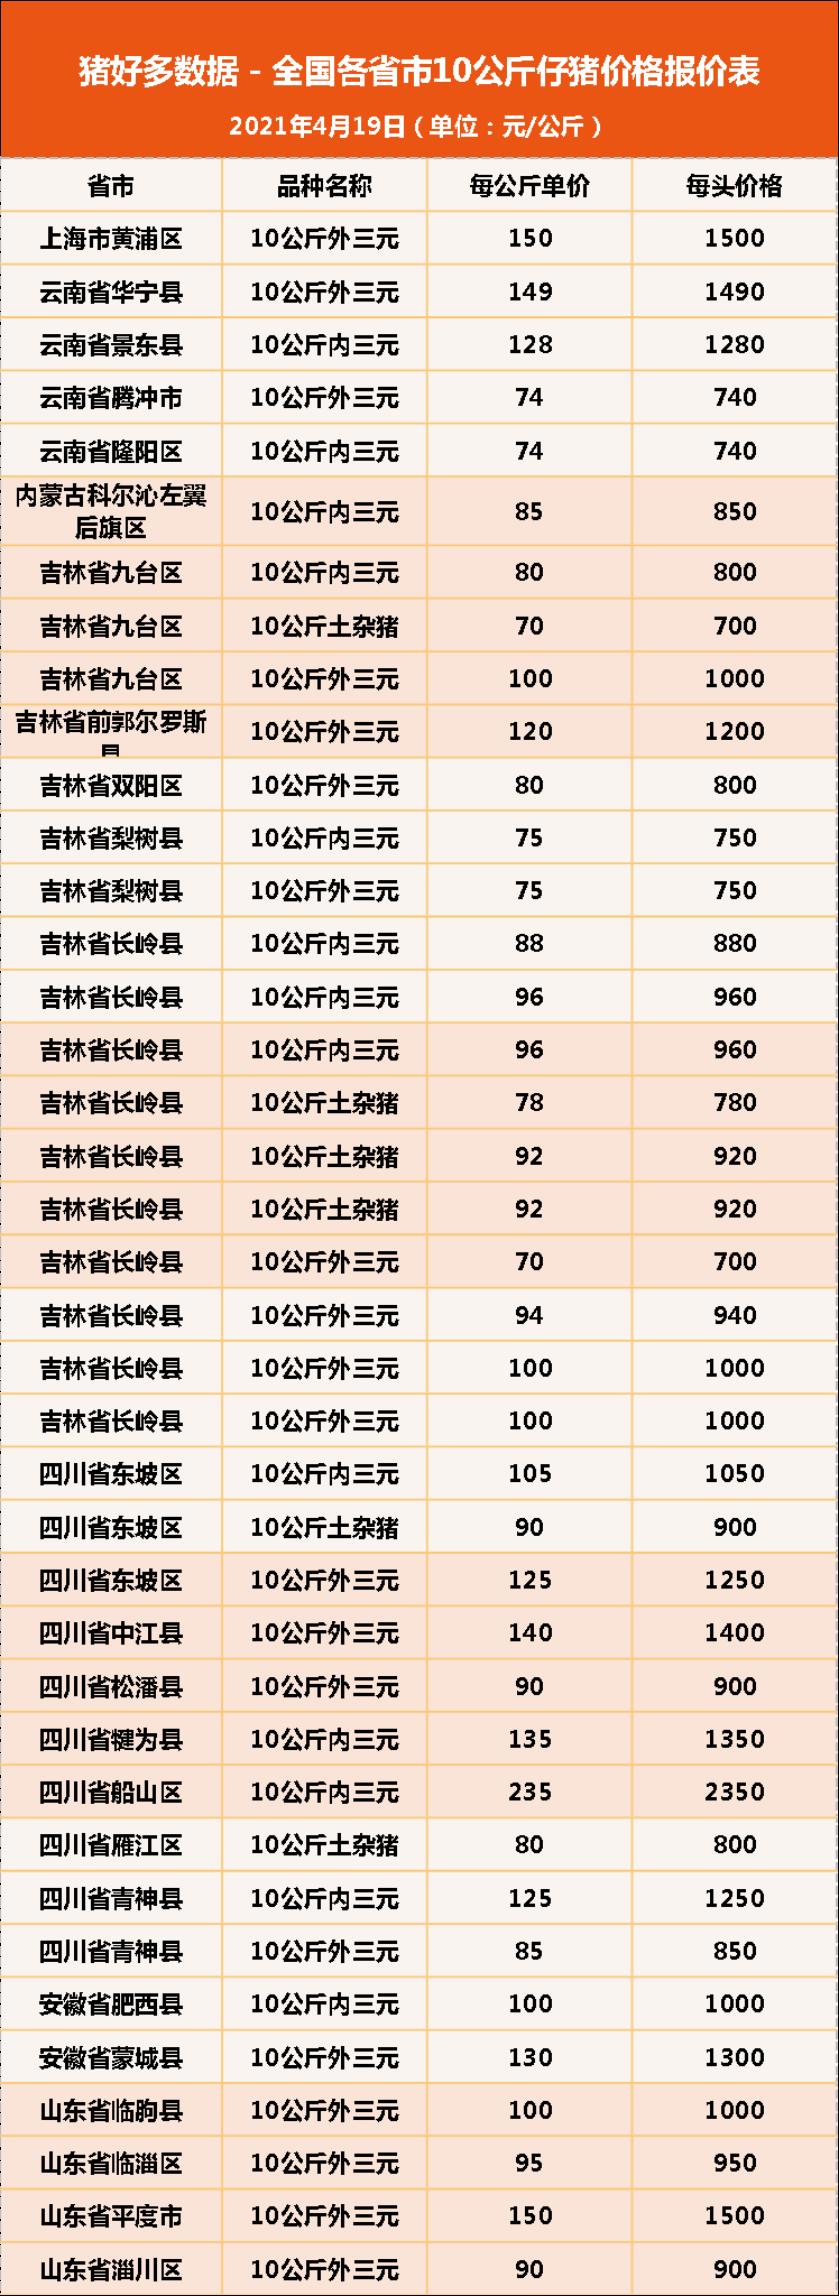 """19日10公斤仔猪价格:补栏掀起小高潮,仔猪还得再""""飞""""一会儿?"""